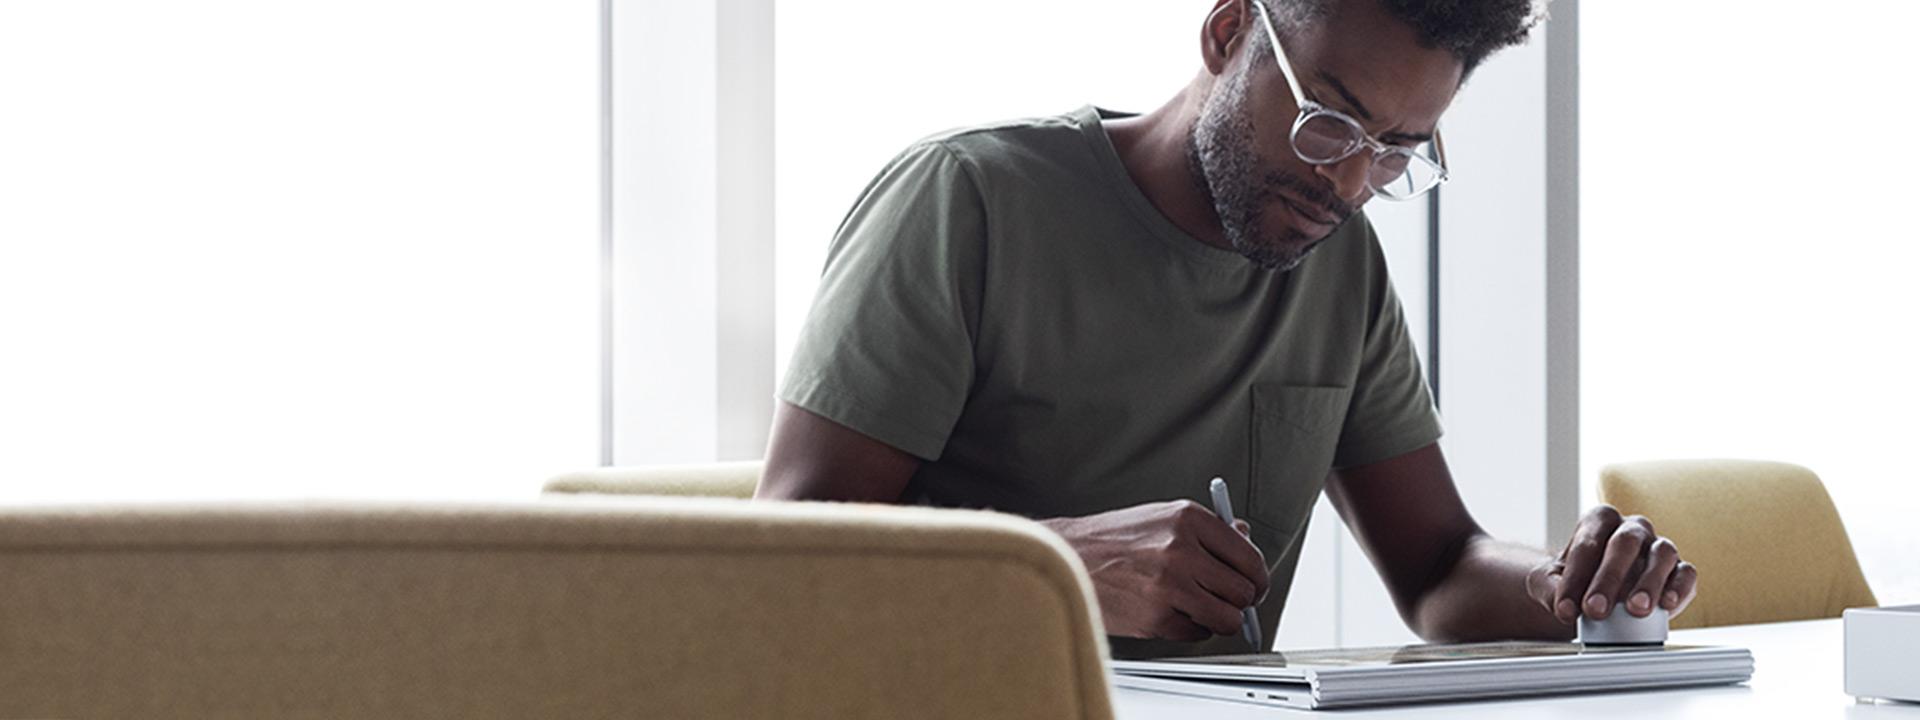 Ein Mann sitzt an einem Tisch und verwendet sein Surface-Gerät und Zubehör.